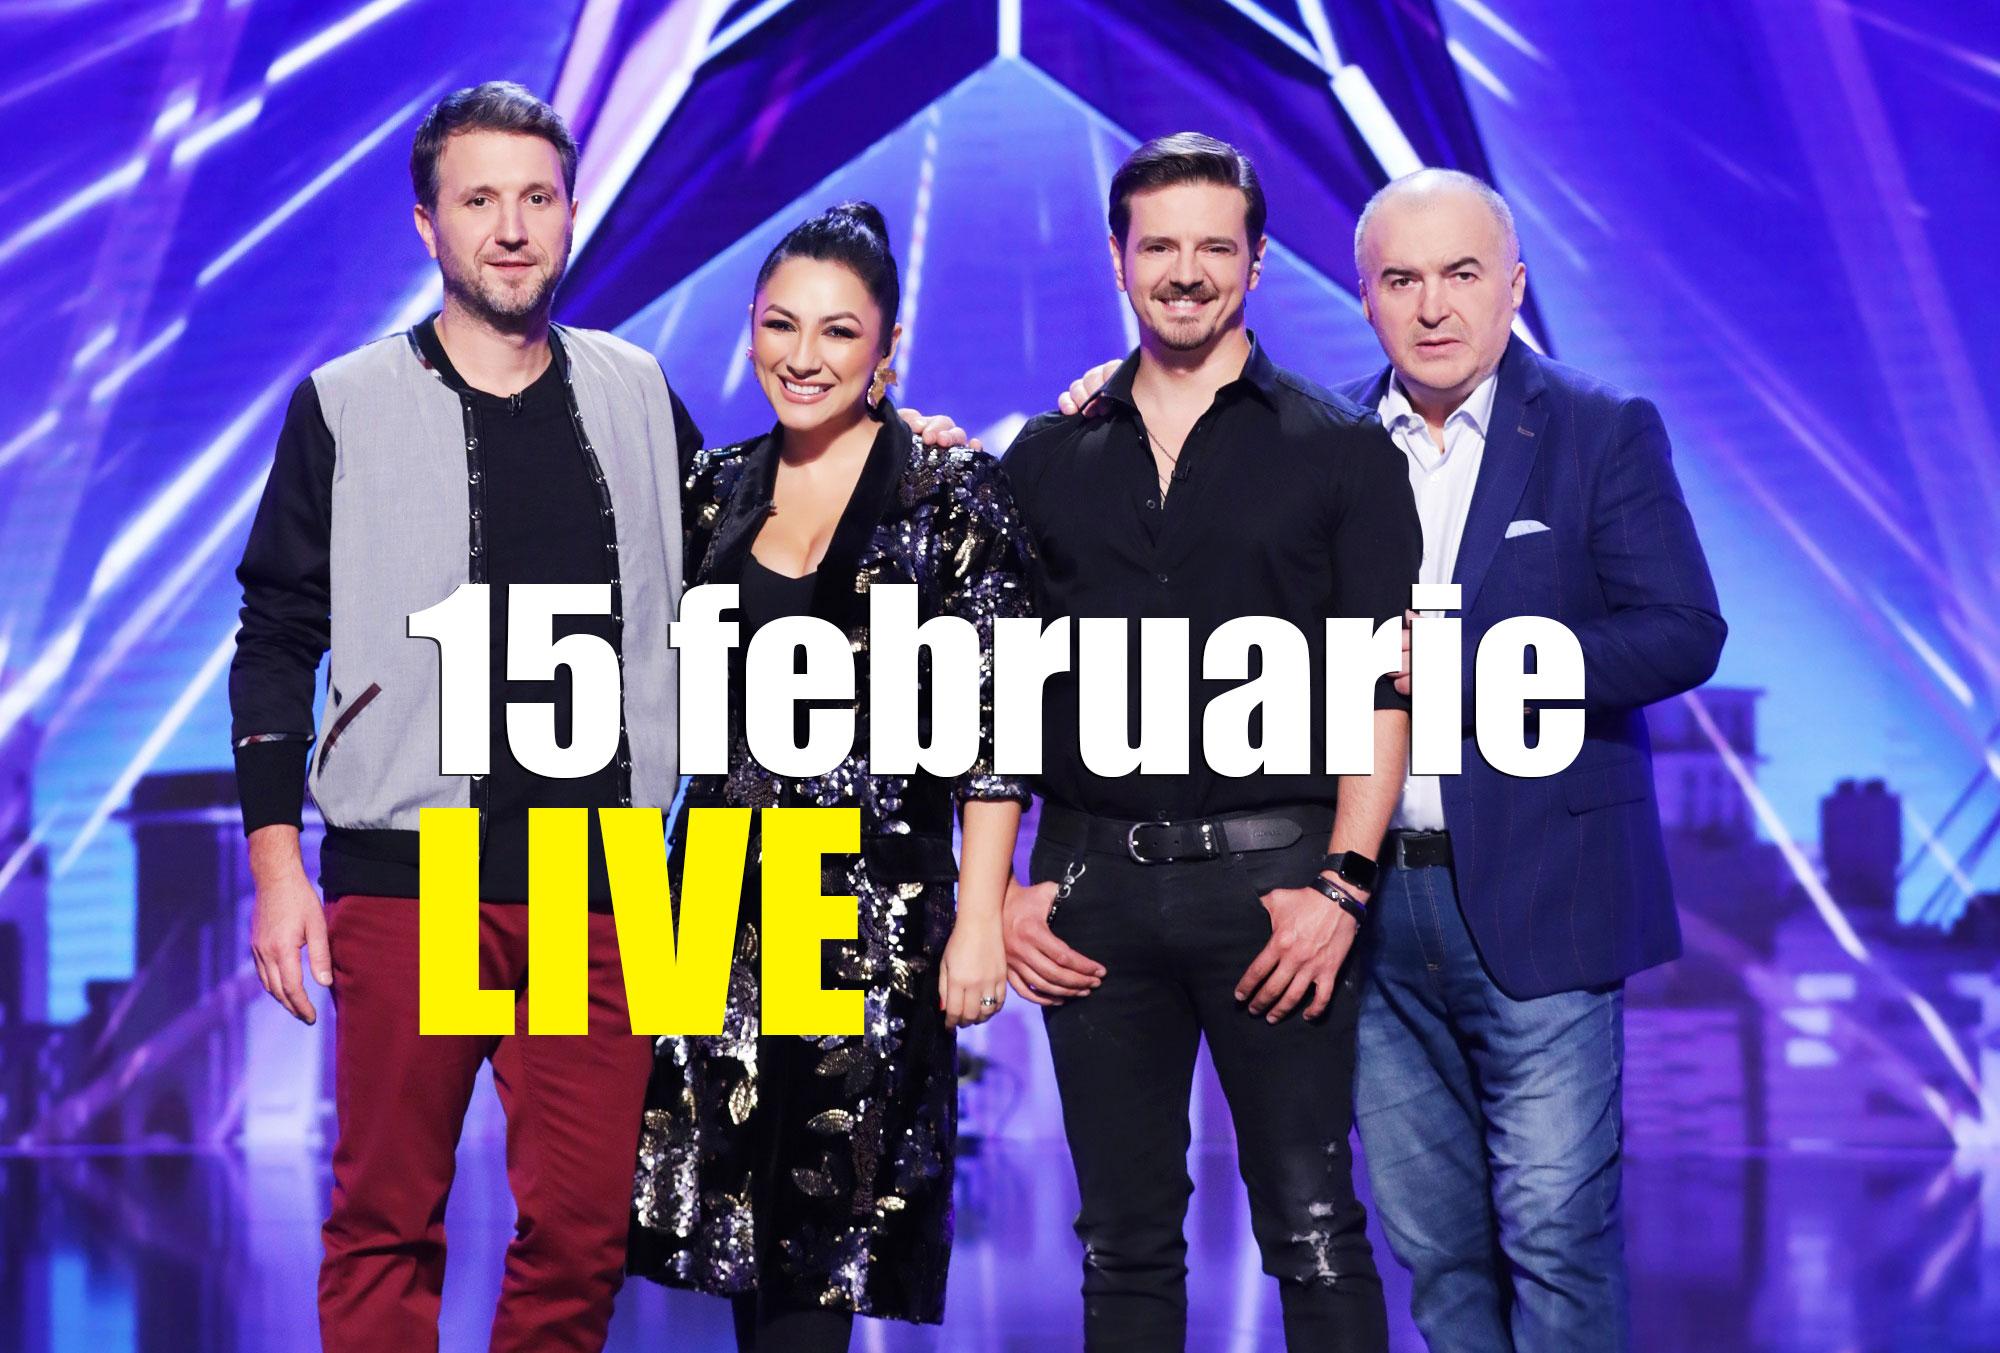 Românii au talent 15 februarie LIVE stream online gratuit. Urmărește Pro TV online în țară sau străinătate